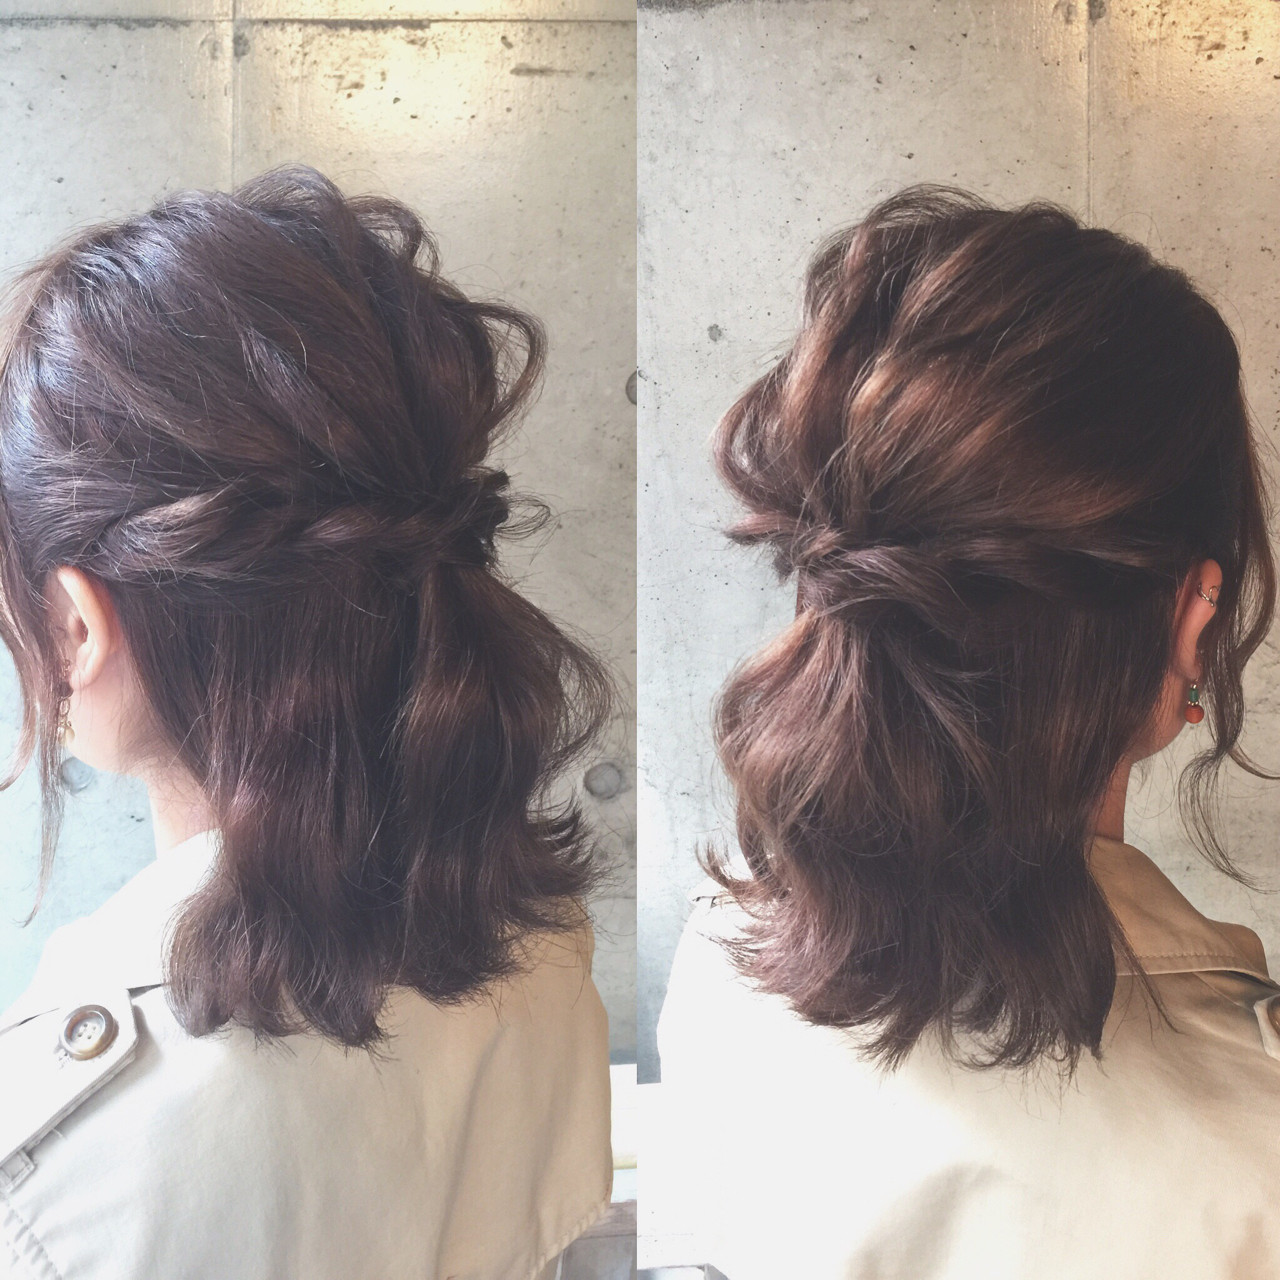 結婚式 ナチュラル 簡単ヘアアレンジ ミディアム ヘアスタイルや髪型の写真・画像